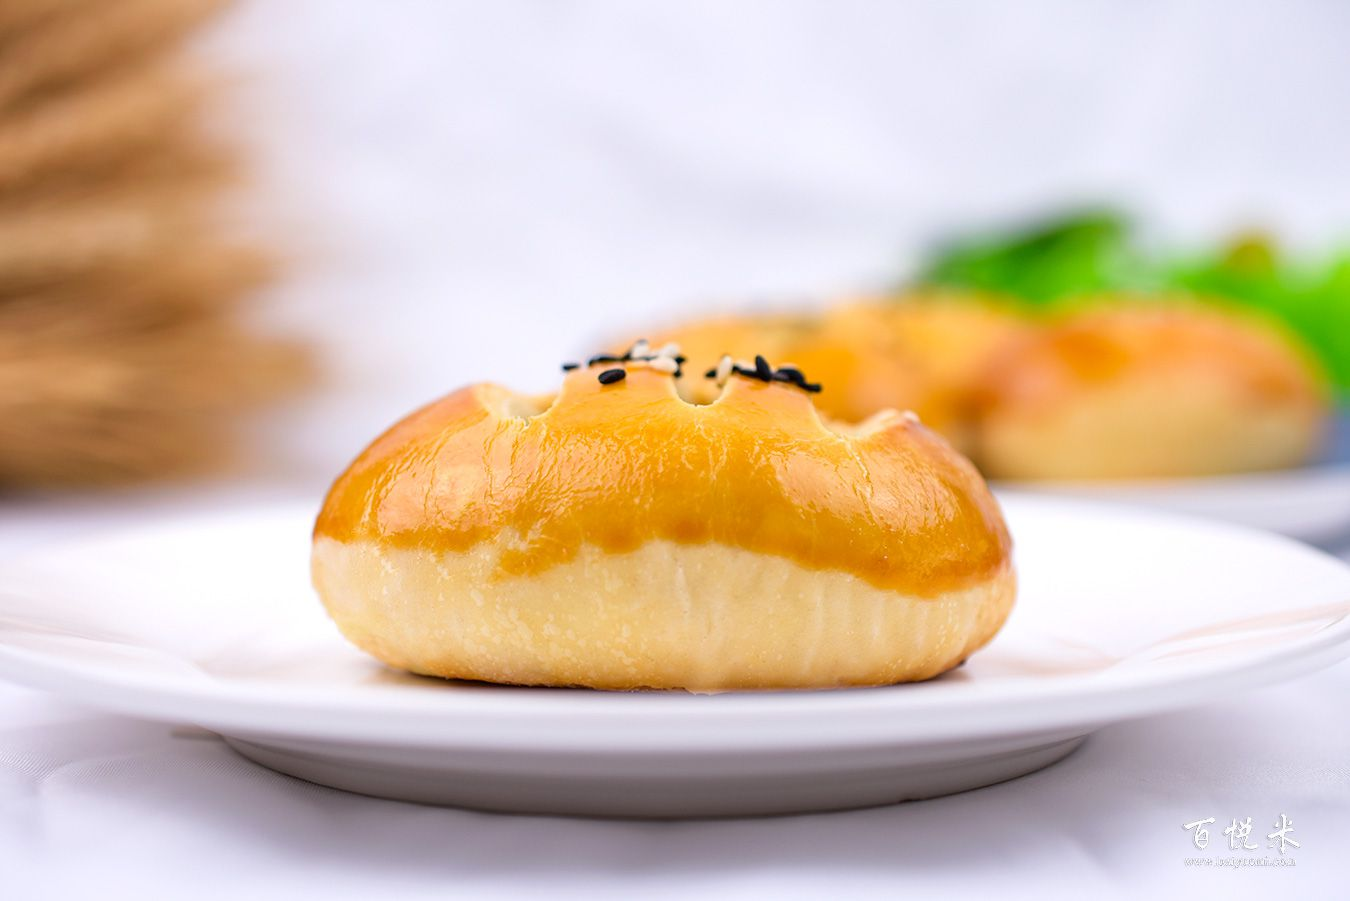 紫薯酥高清图片大全【蛋糕图片】_870